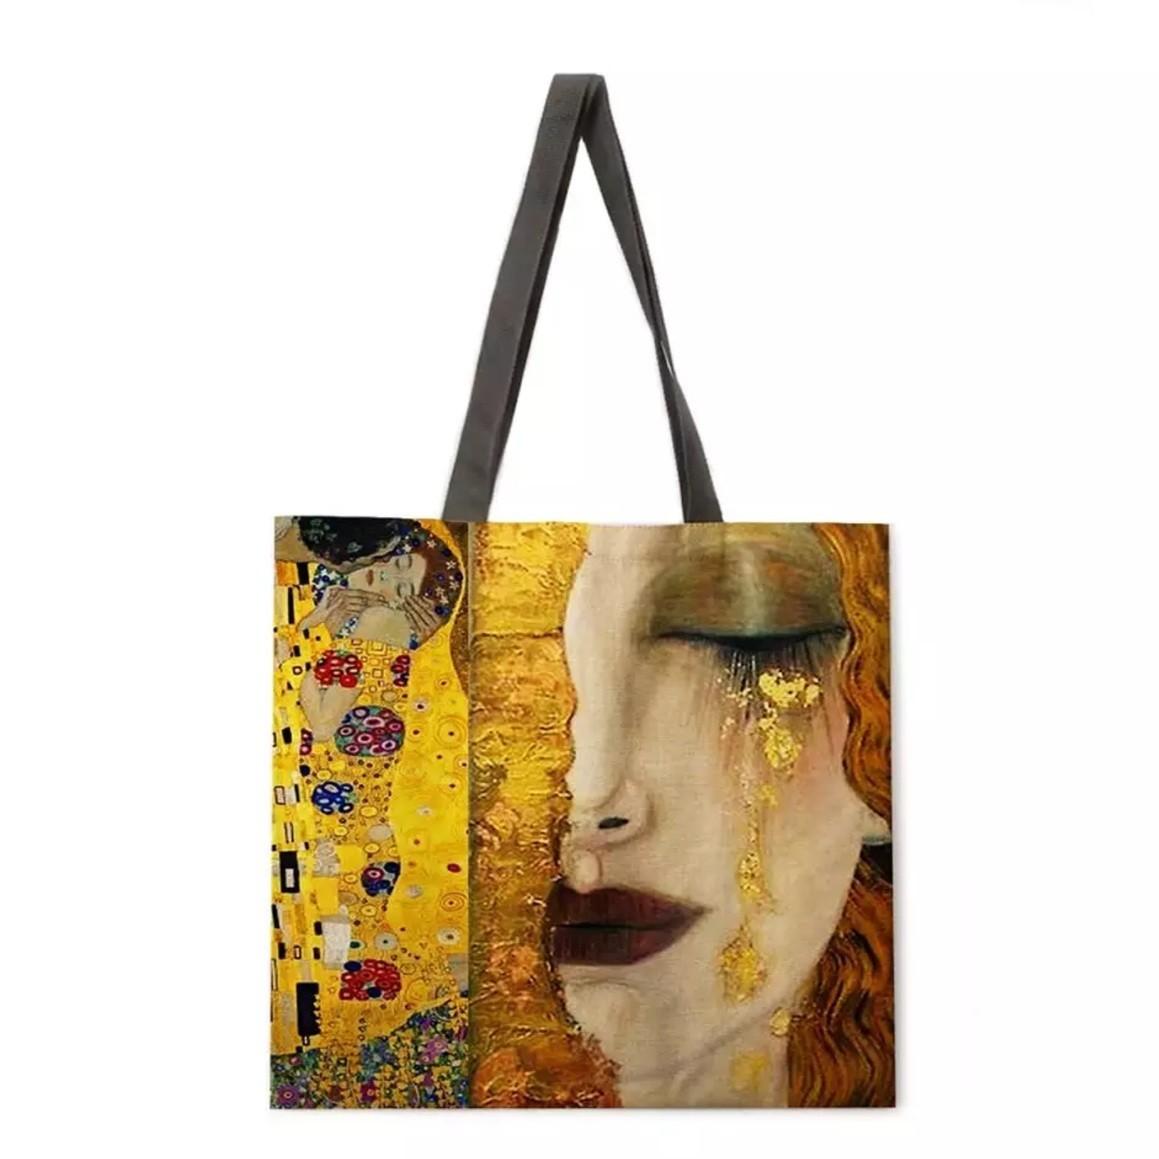 トートバッグ エコバッグ ショッピングバッグ マザーズバッグ ショルダーバッグ バッグ bag グスタフクリムト クリムト 接吻